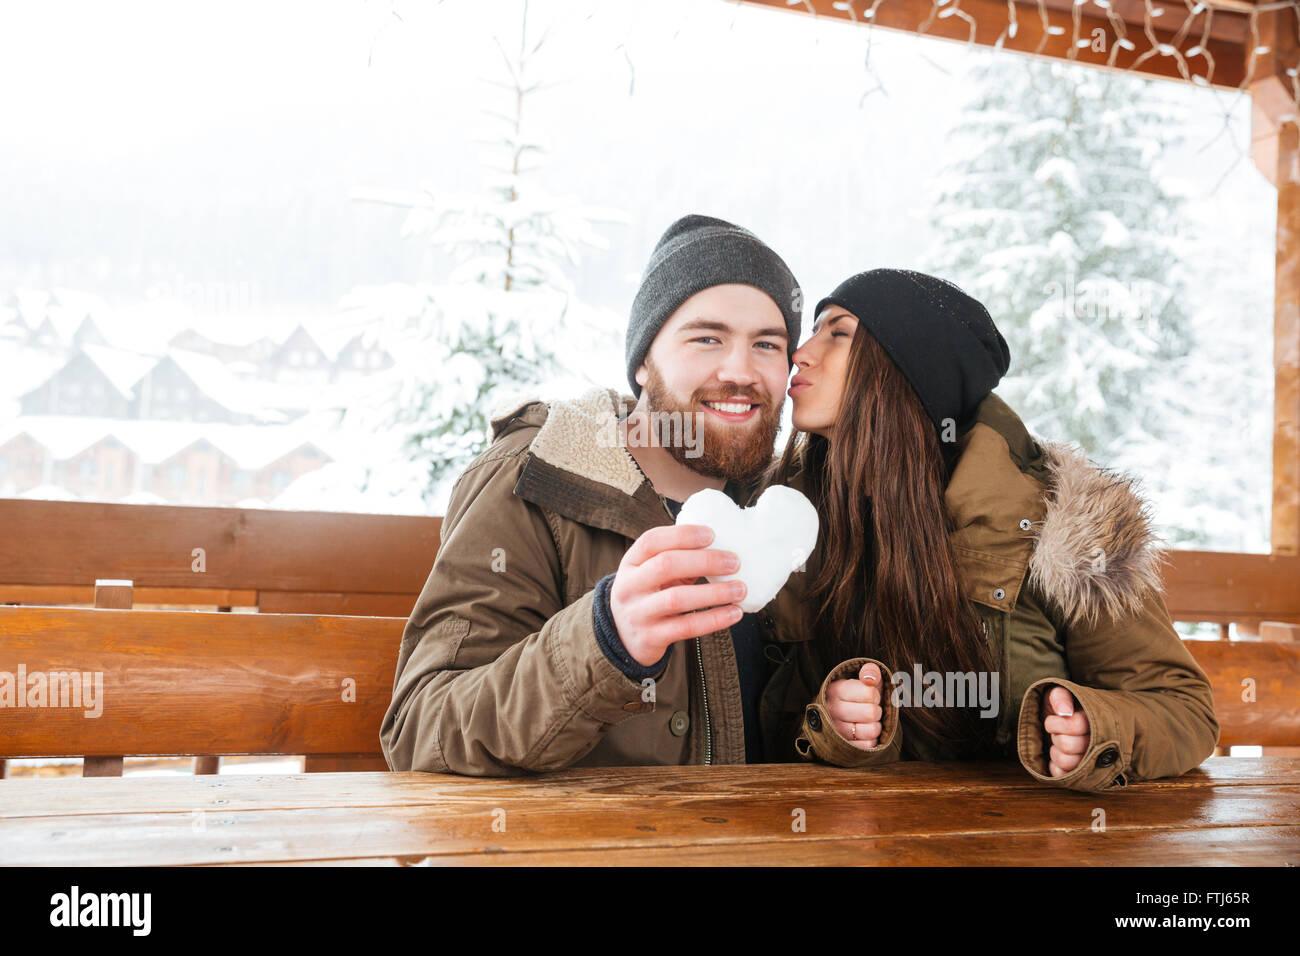 Joven pareja besándose en chalet patio y la celebración de corazón de nieve en invierno Imagen De Stock